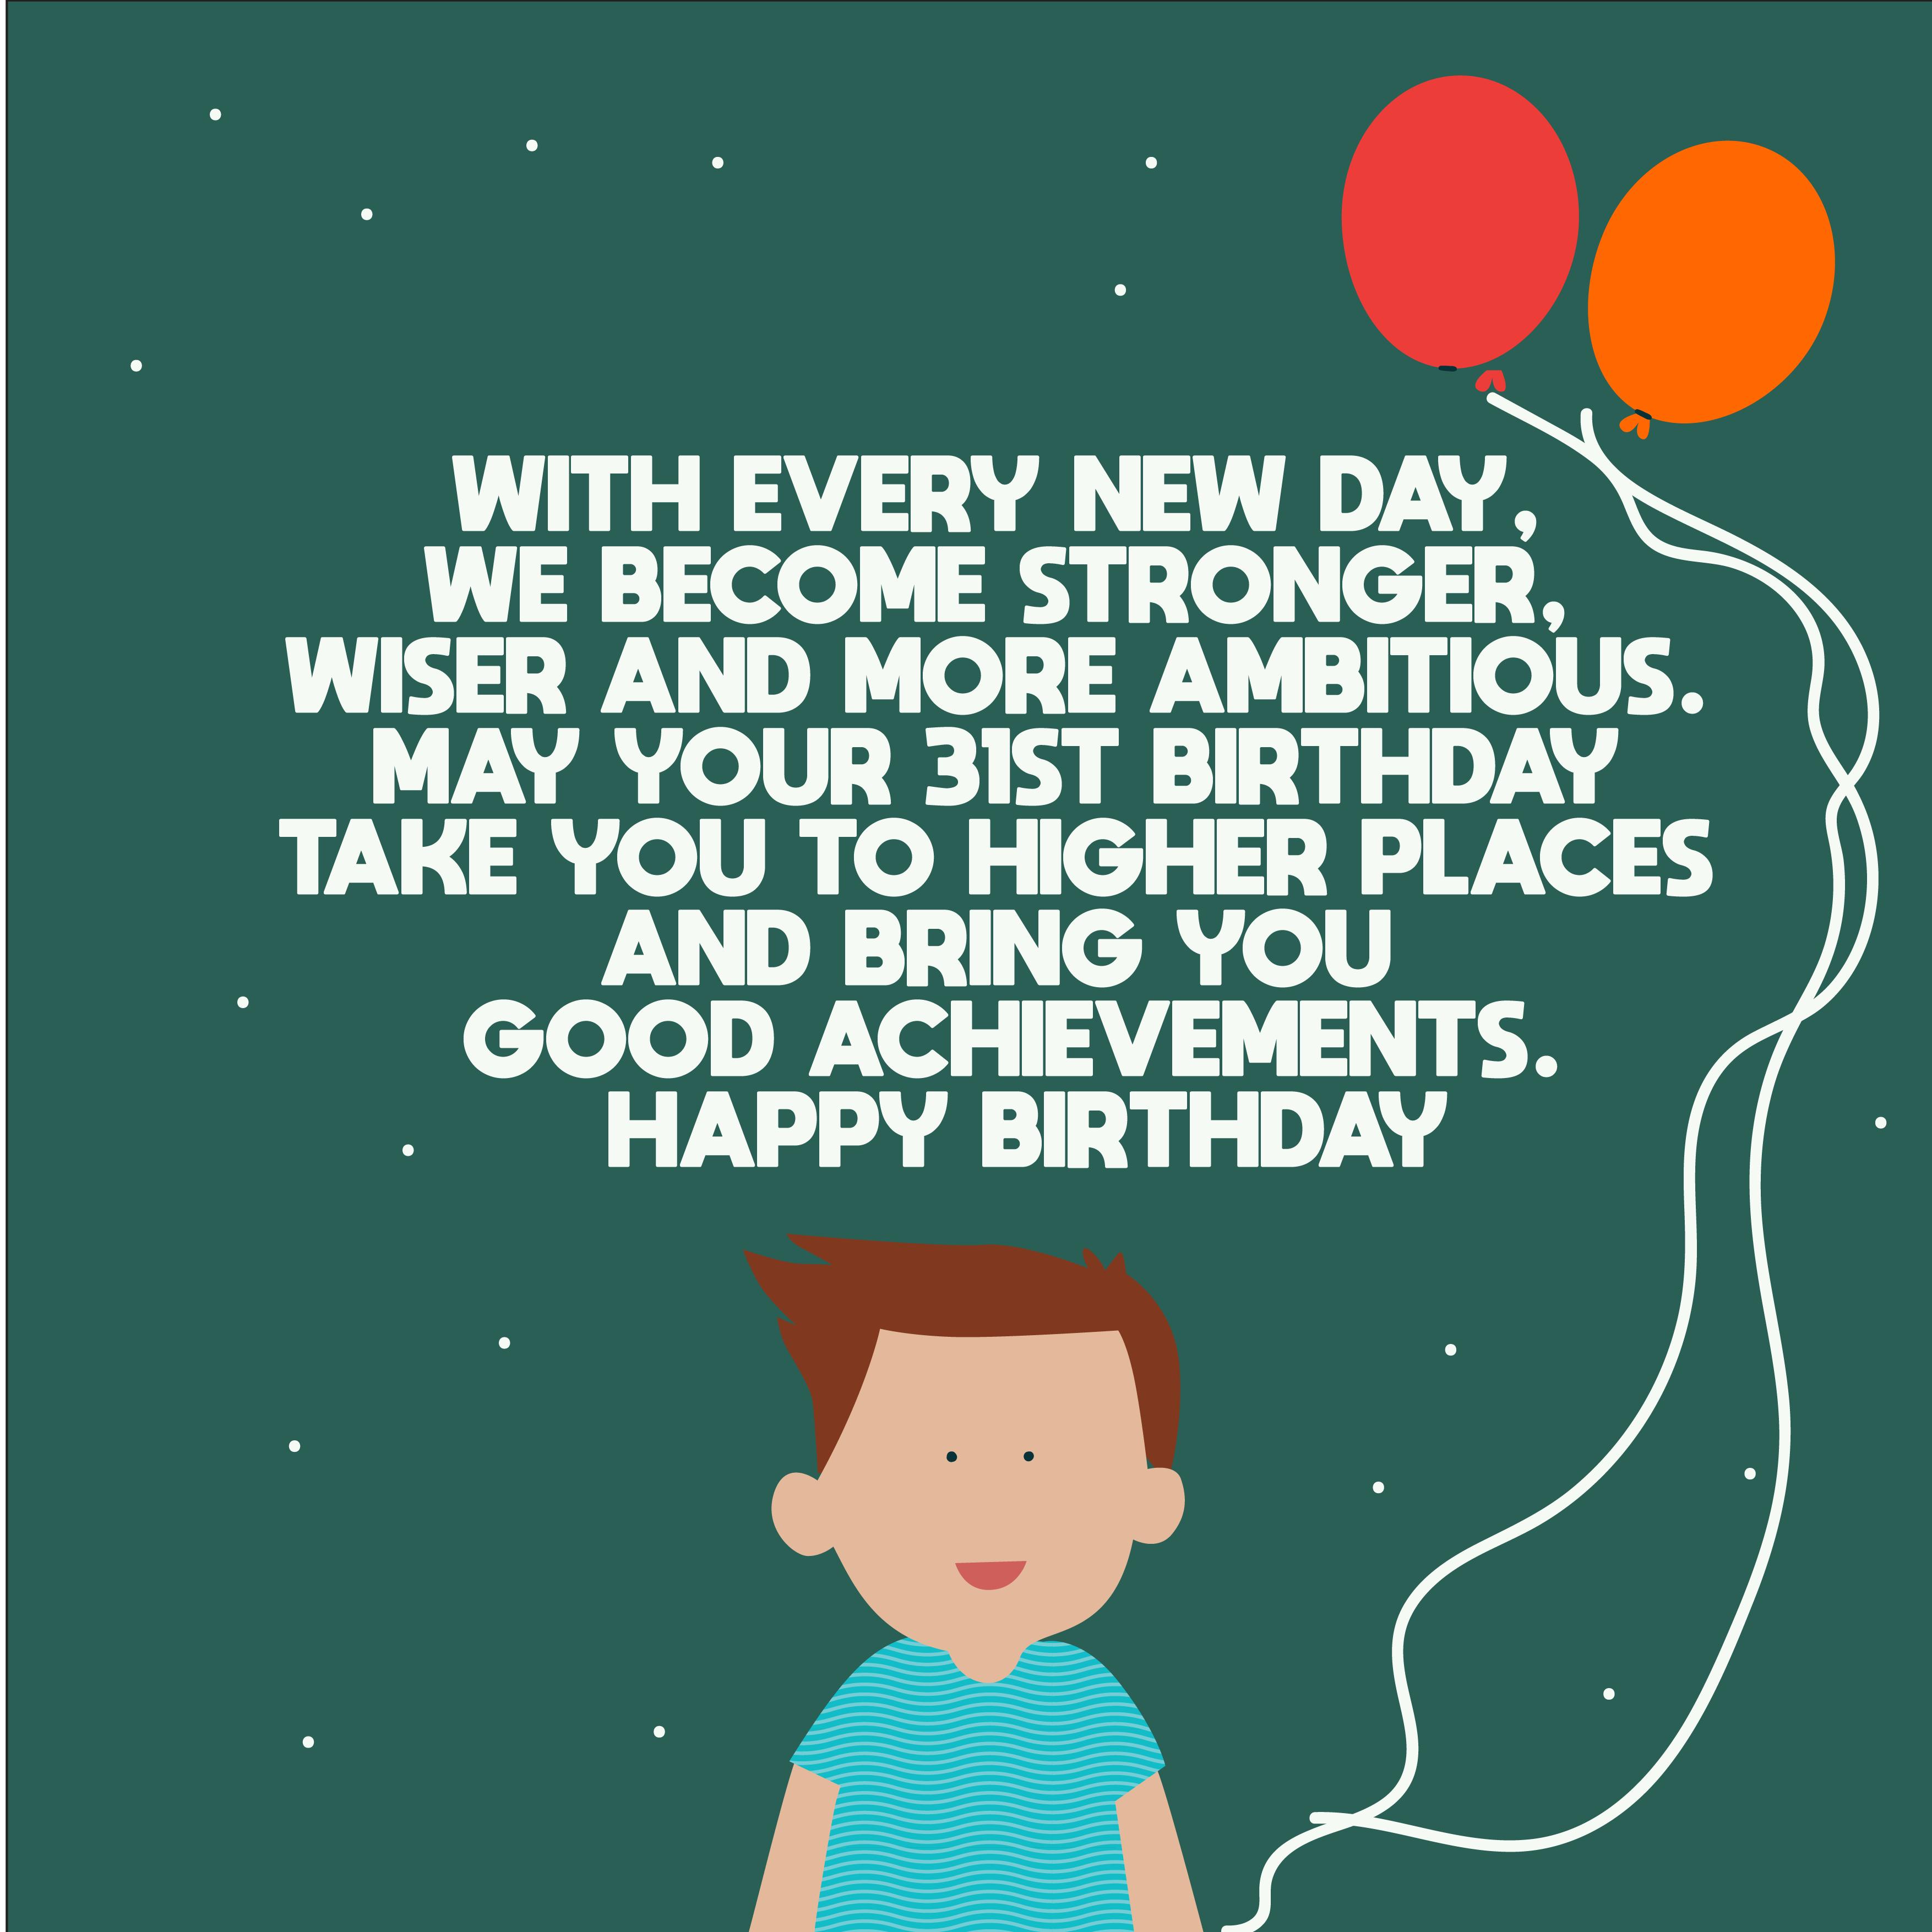 happy-31st-birthday-wishes-04